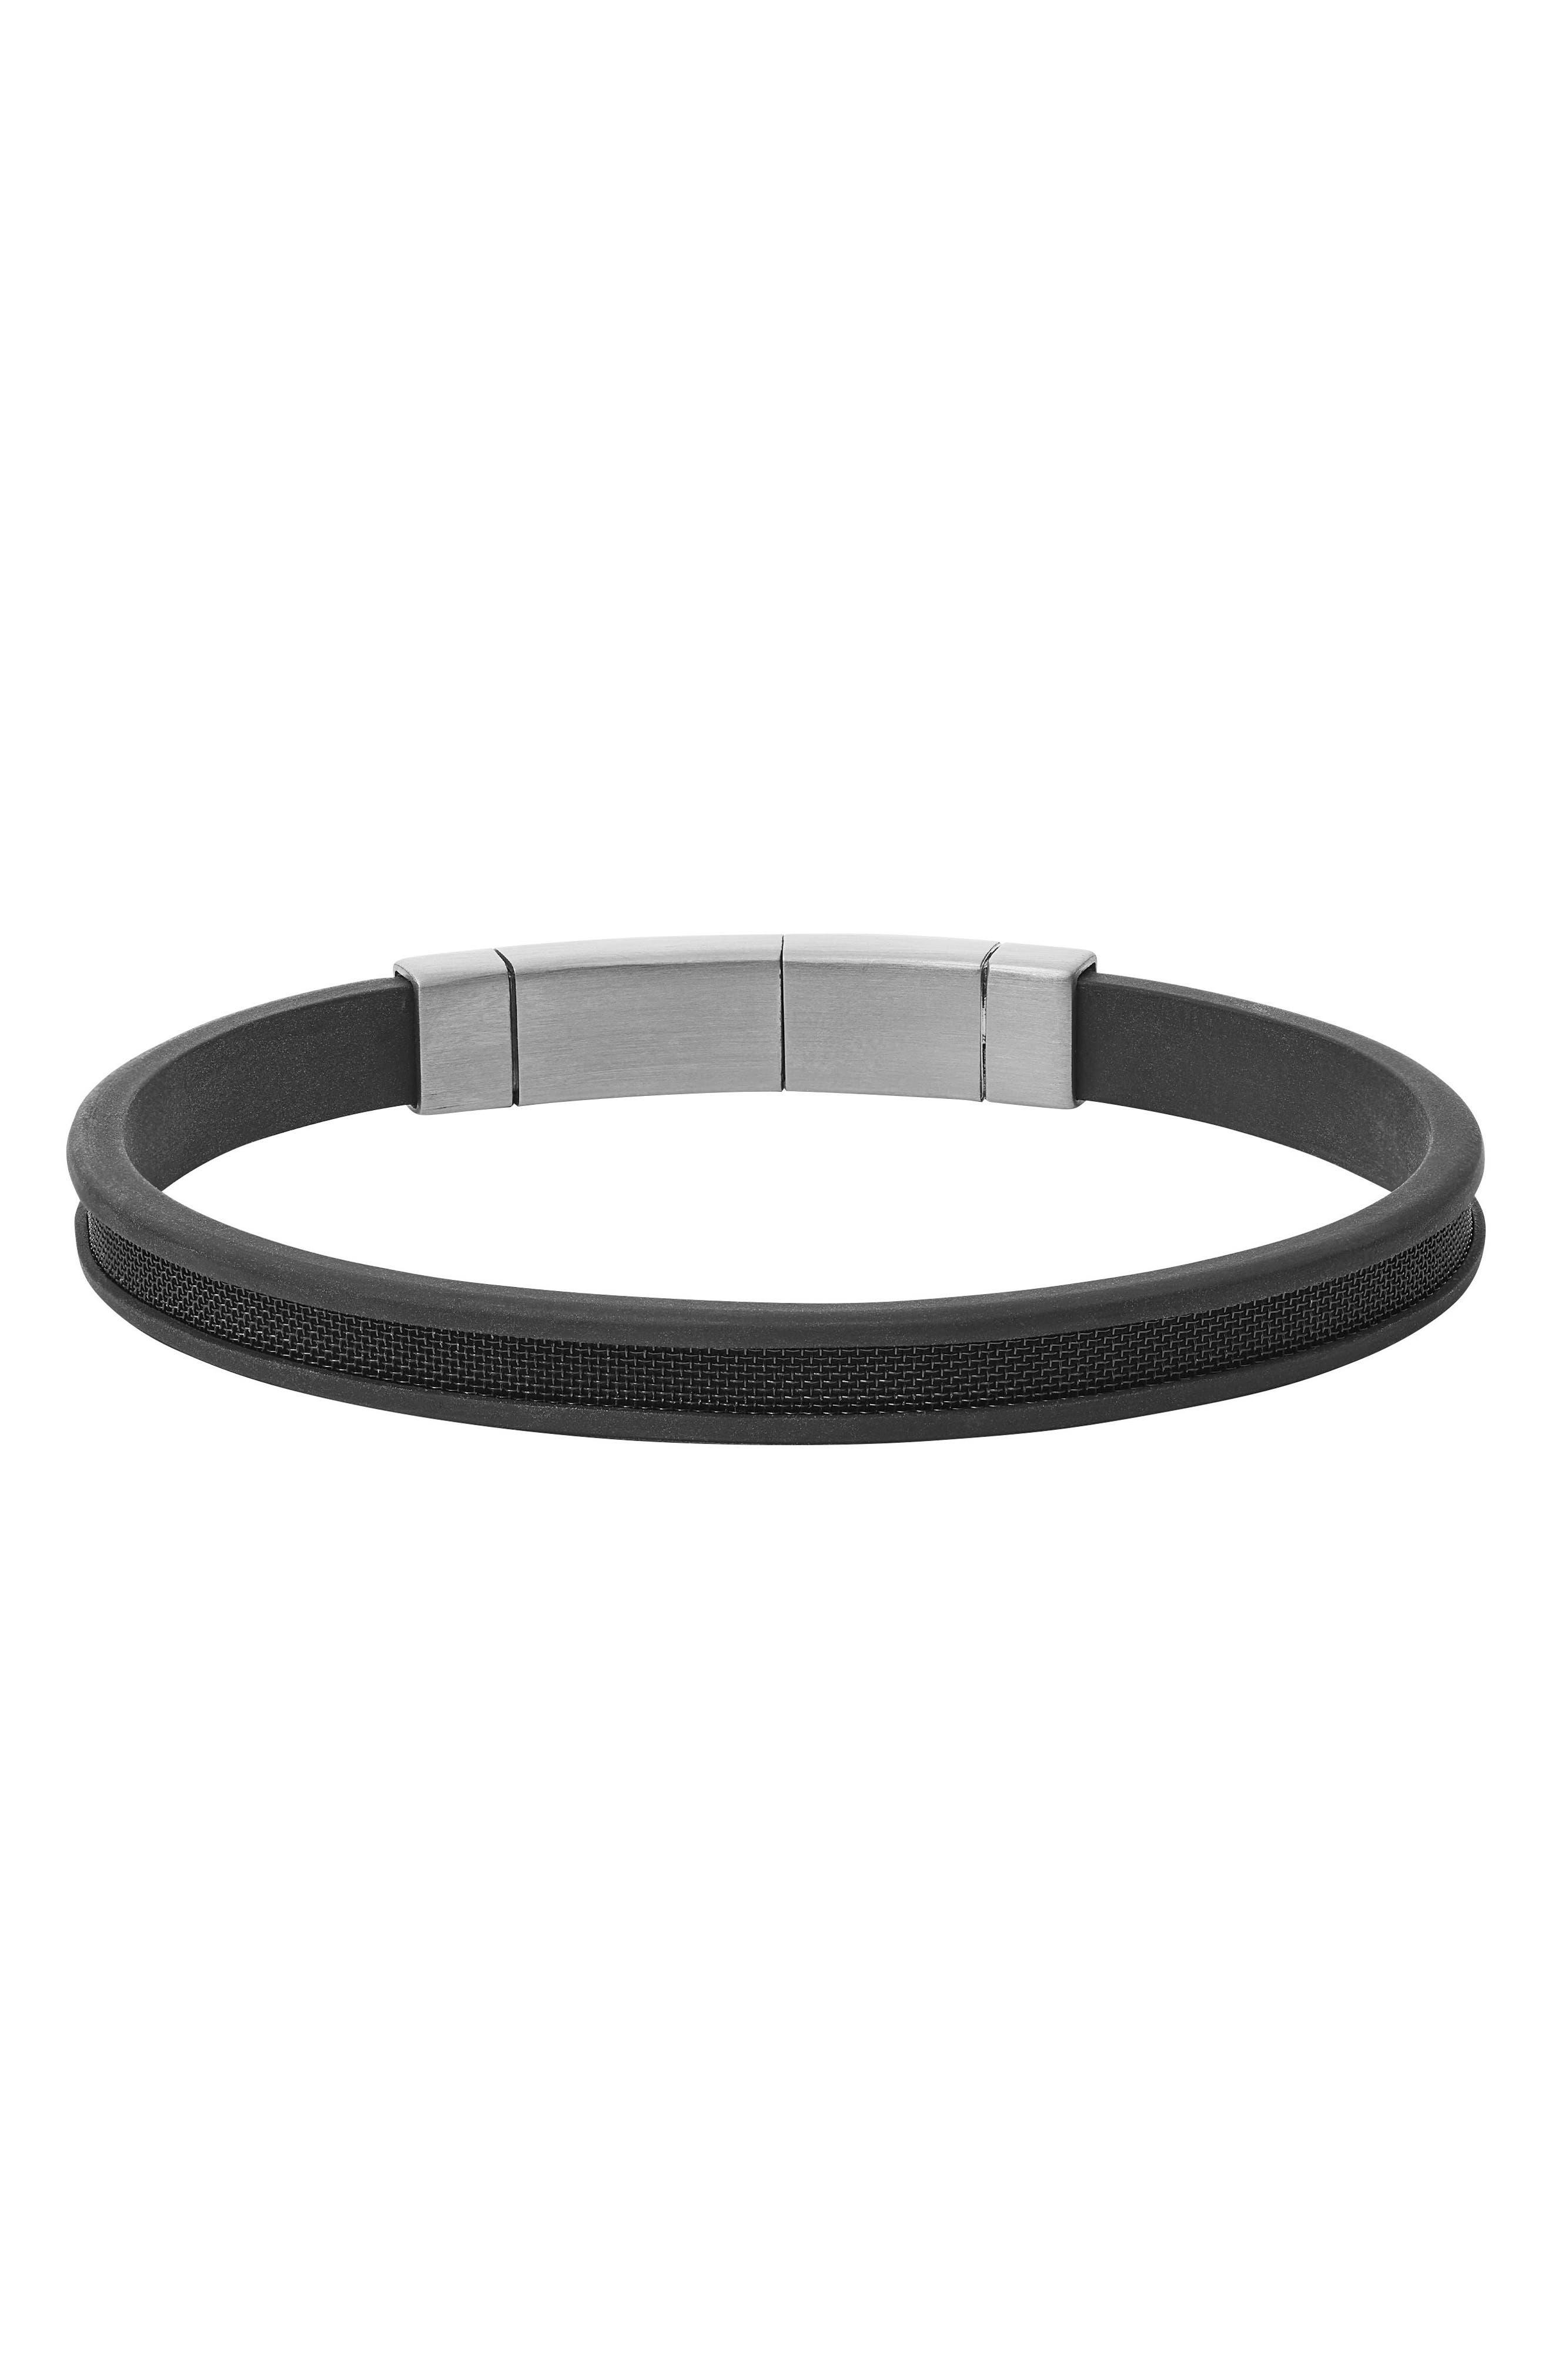 Main Image - Skagen Kring Bracelet